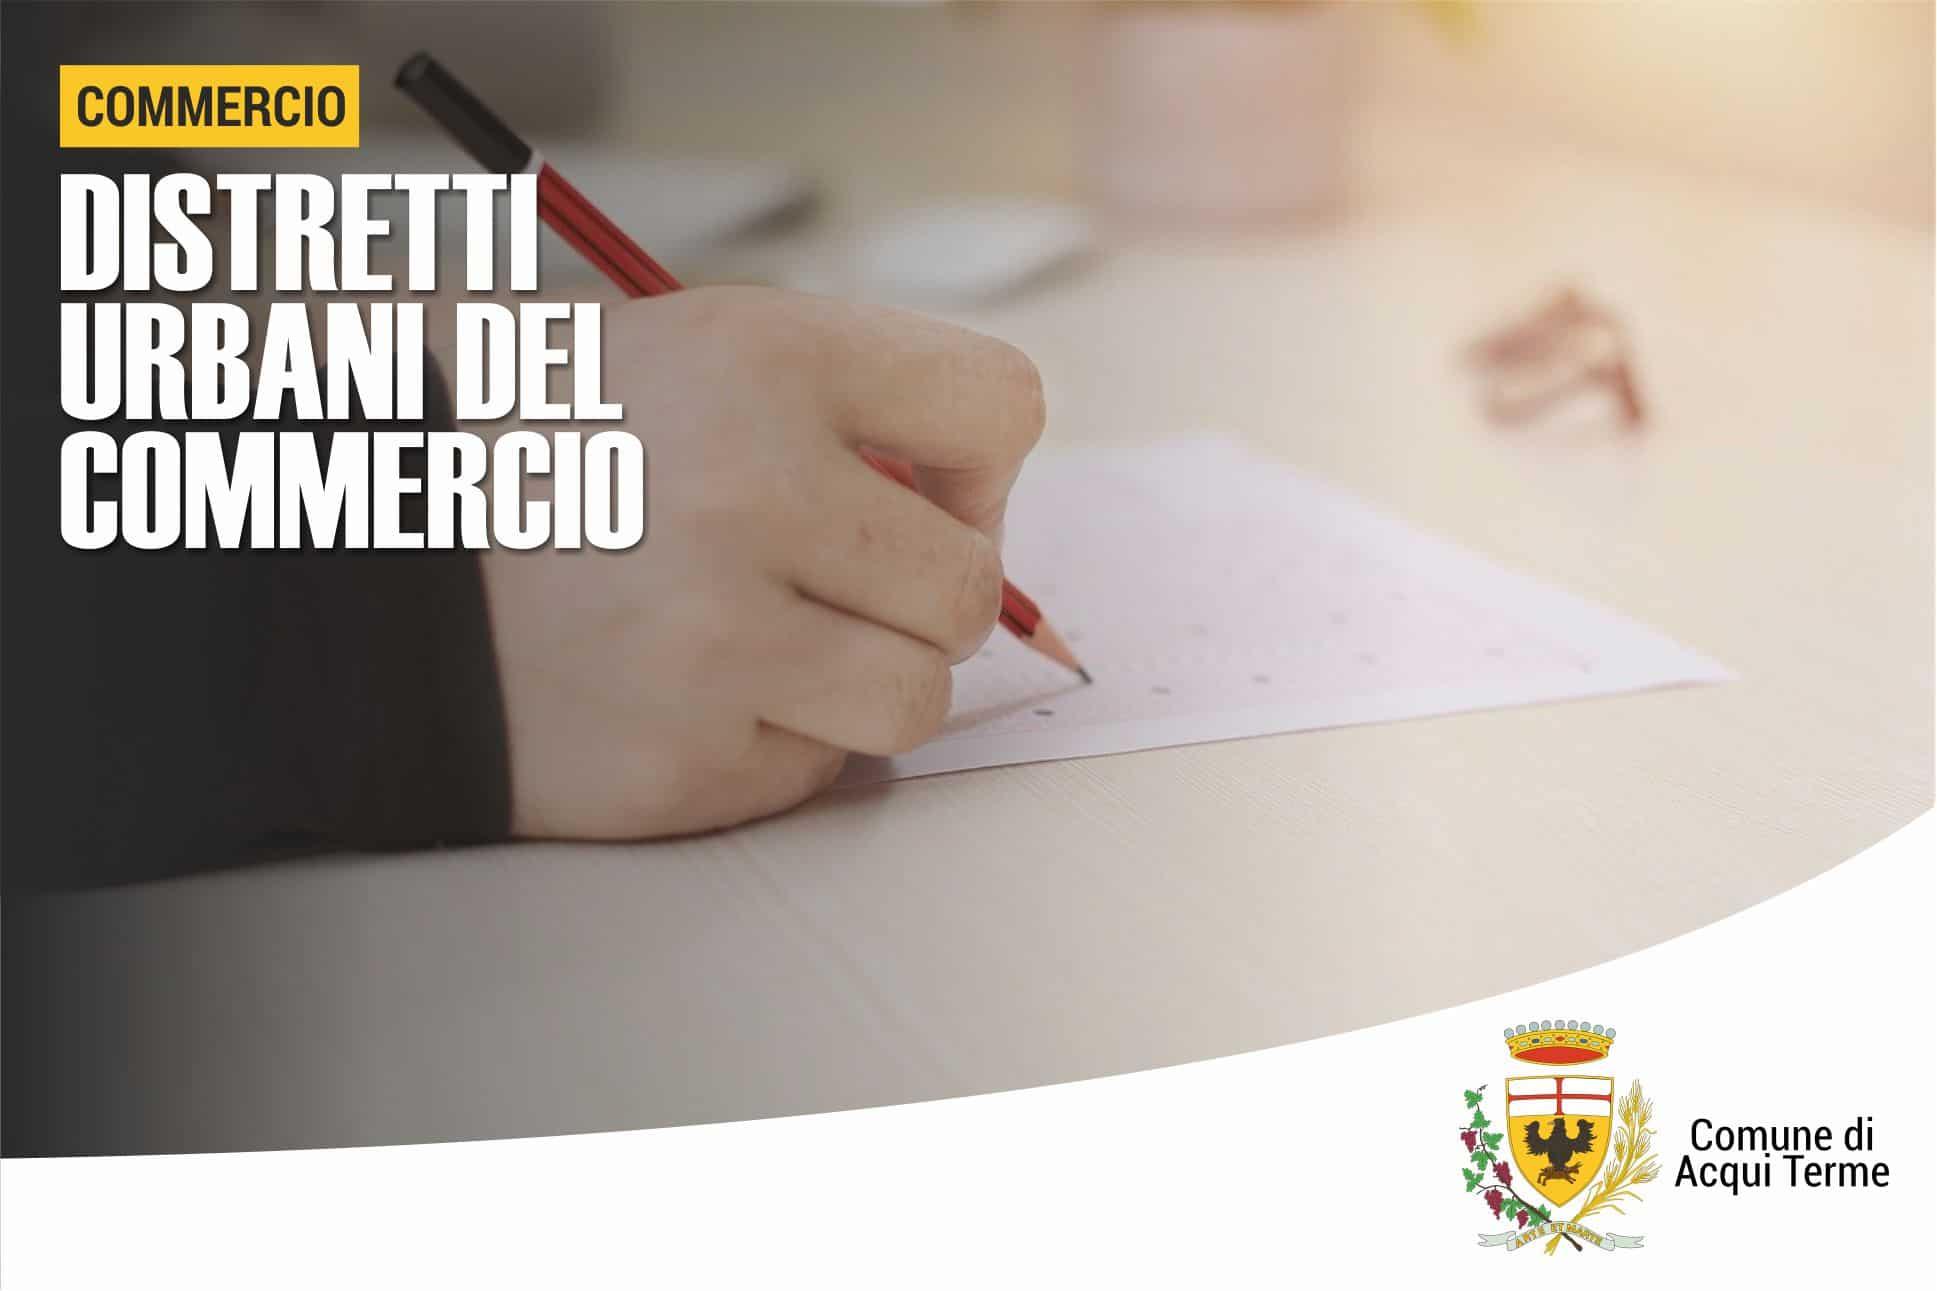 Immagine - Distretti Urbani del Commercio: questionario online